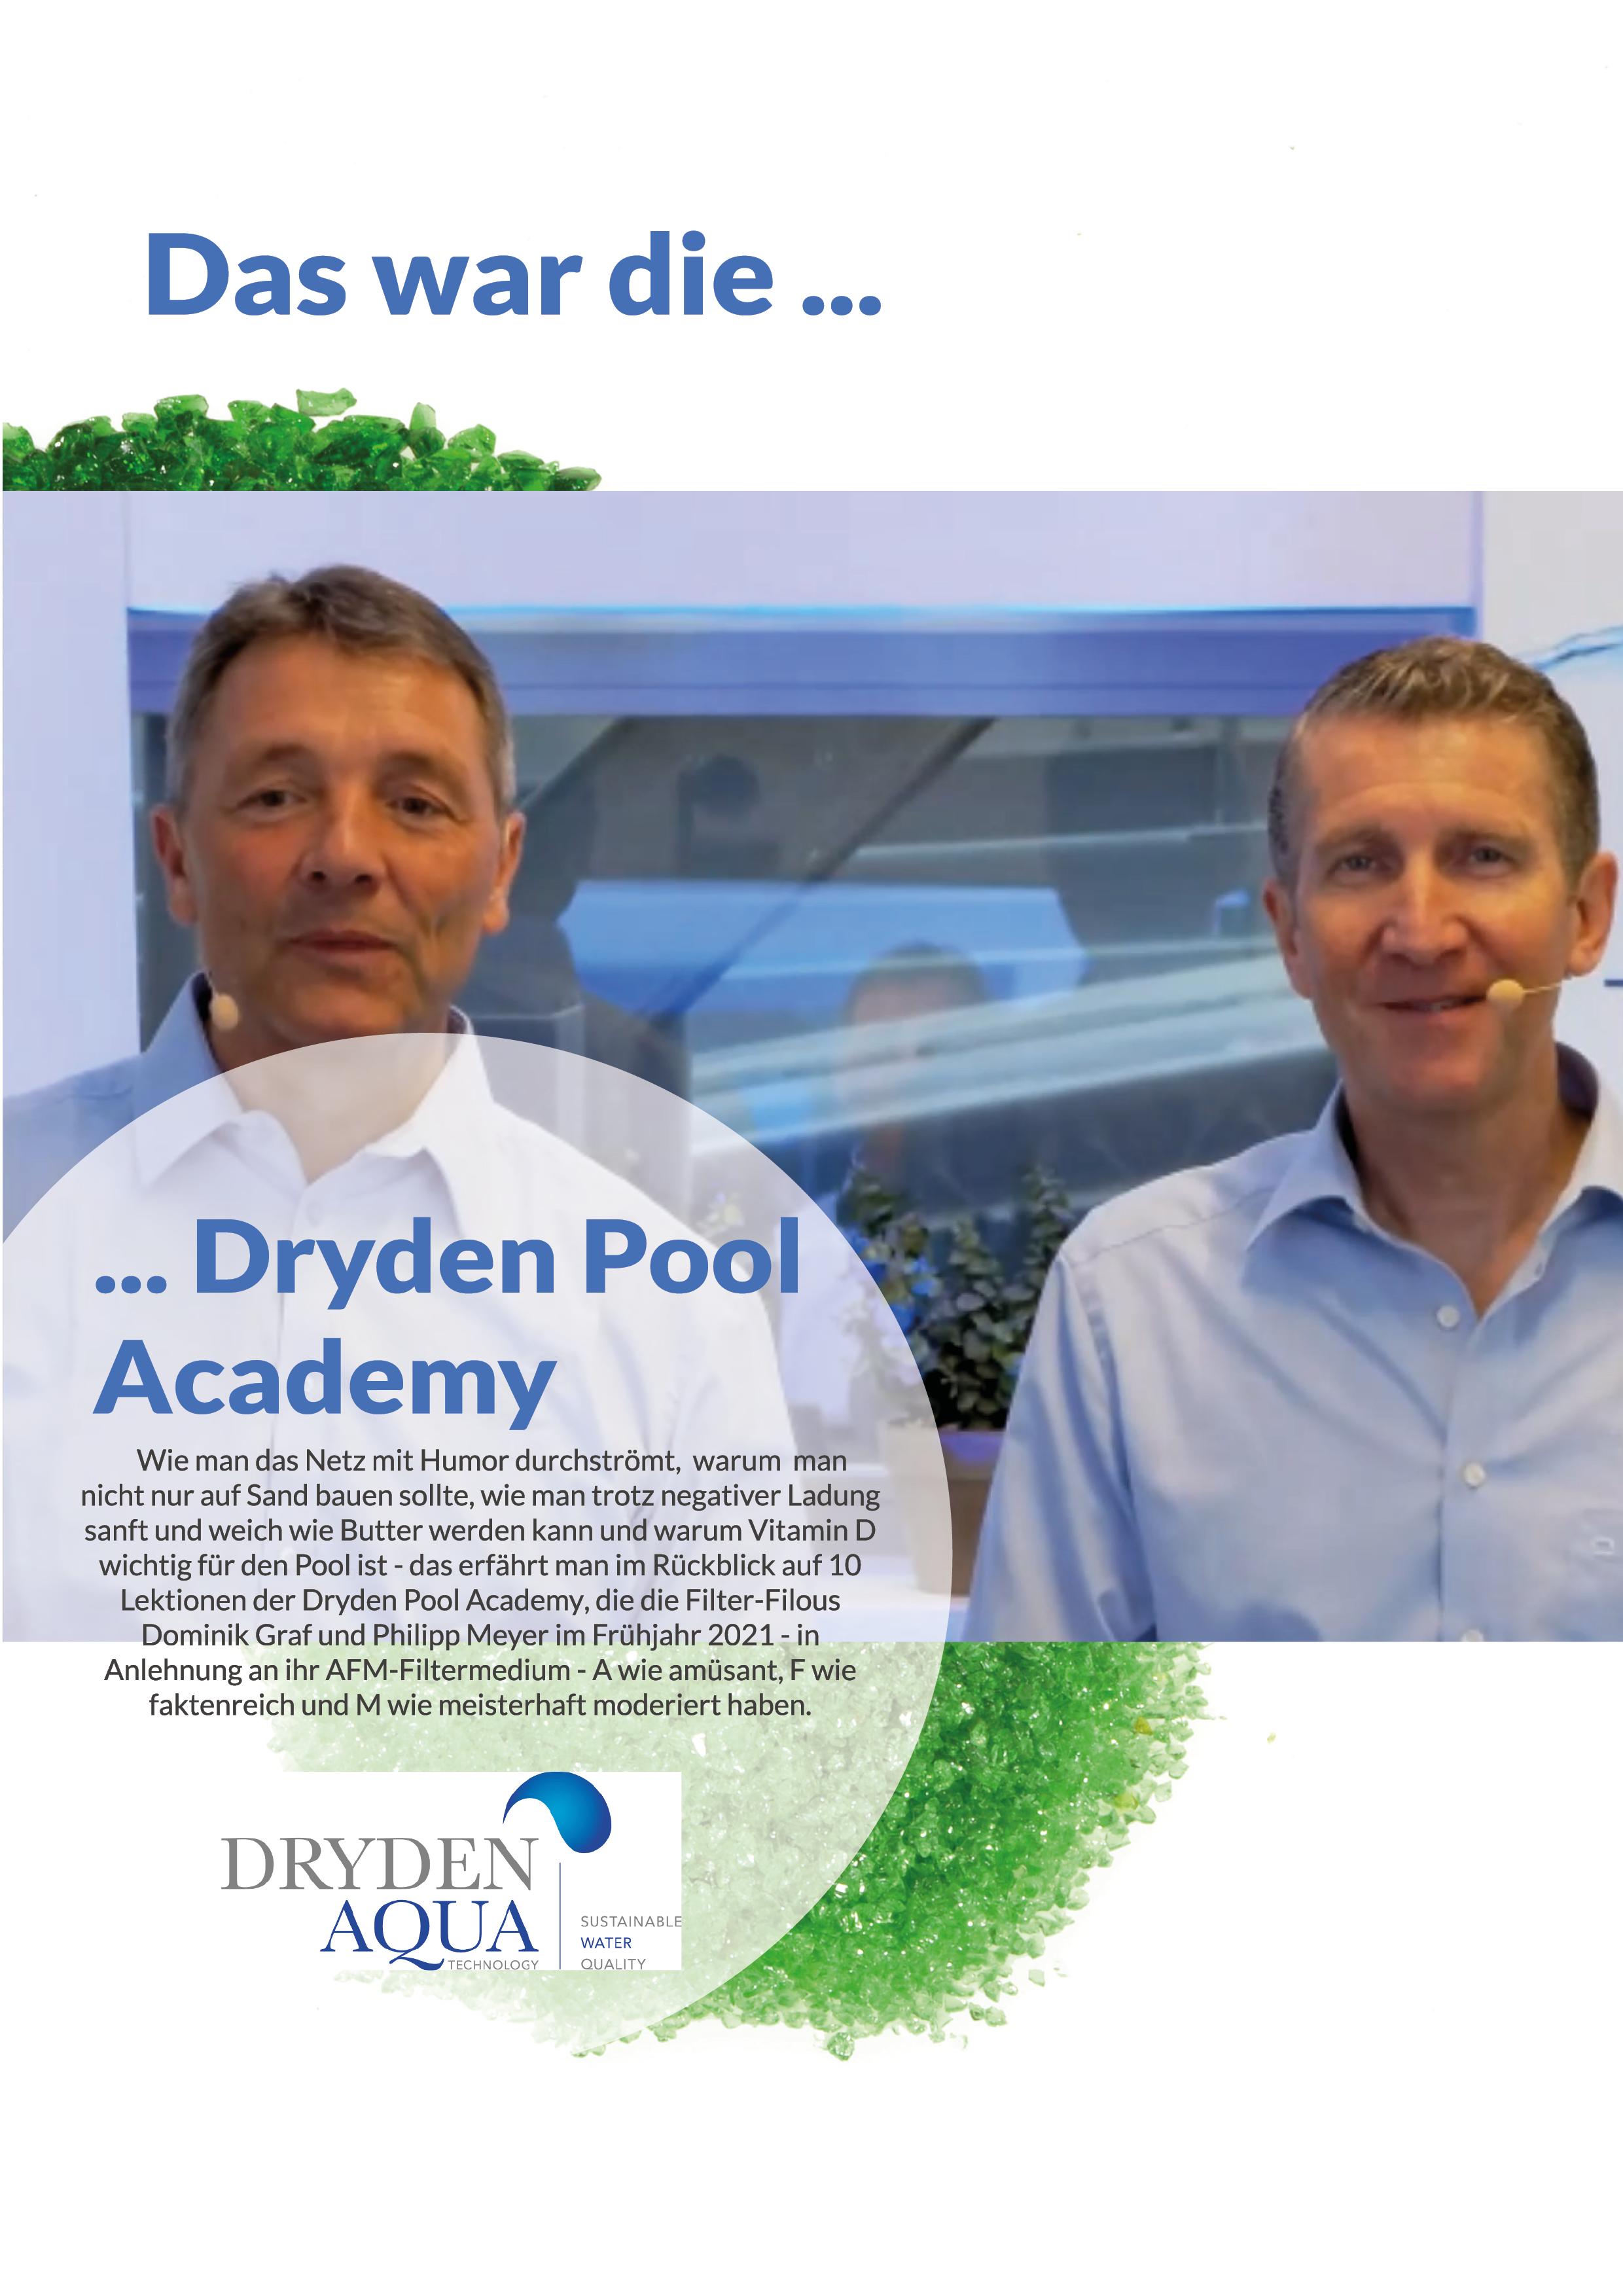 .Das war die Dryden Pool Academy